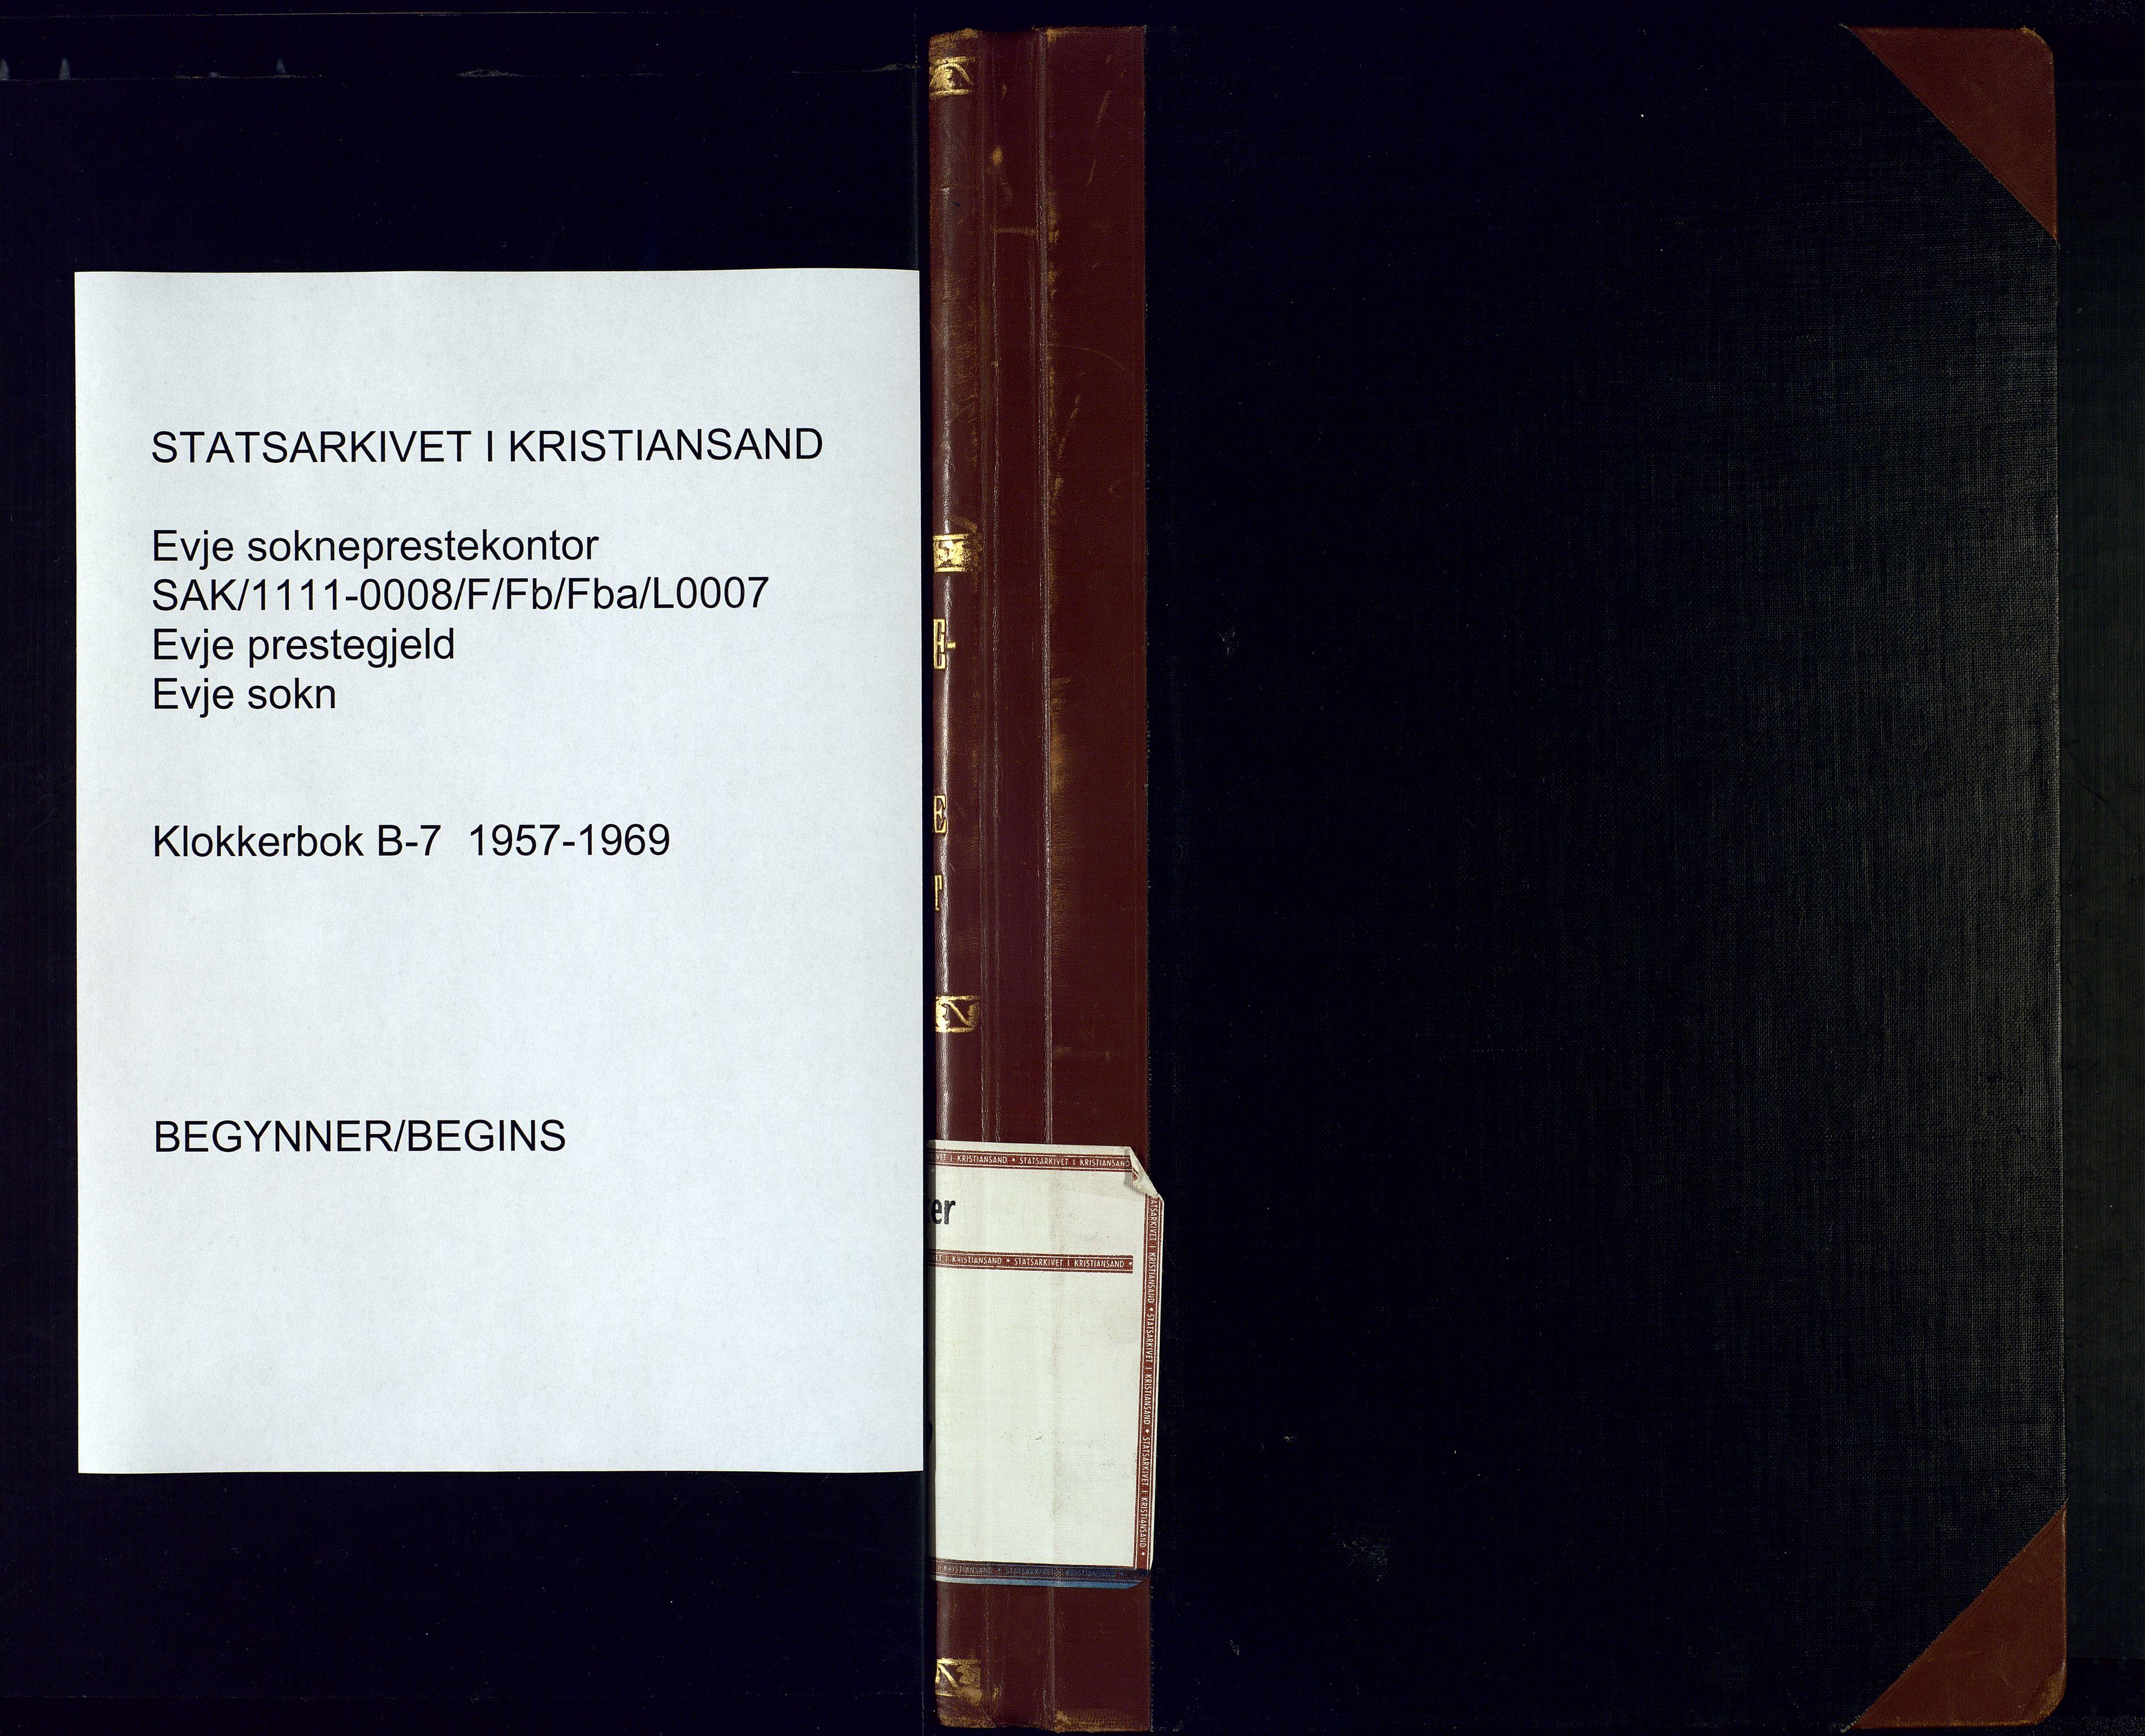 SAK, Evje sokneprestkontor, F/Fb/Fba/L0007: Klokkerbok nr. B-7, 1957-1969